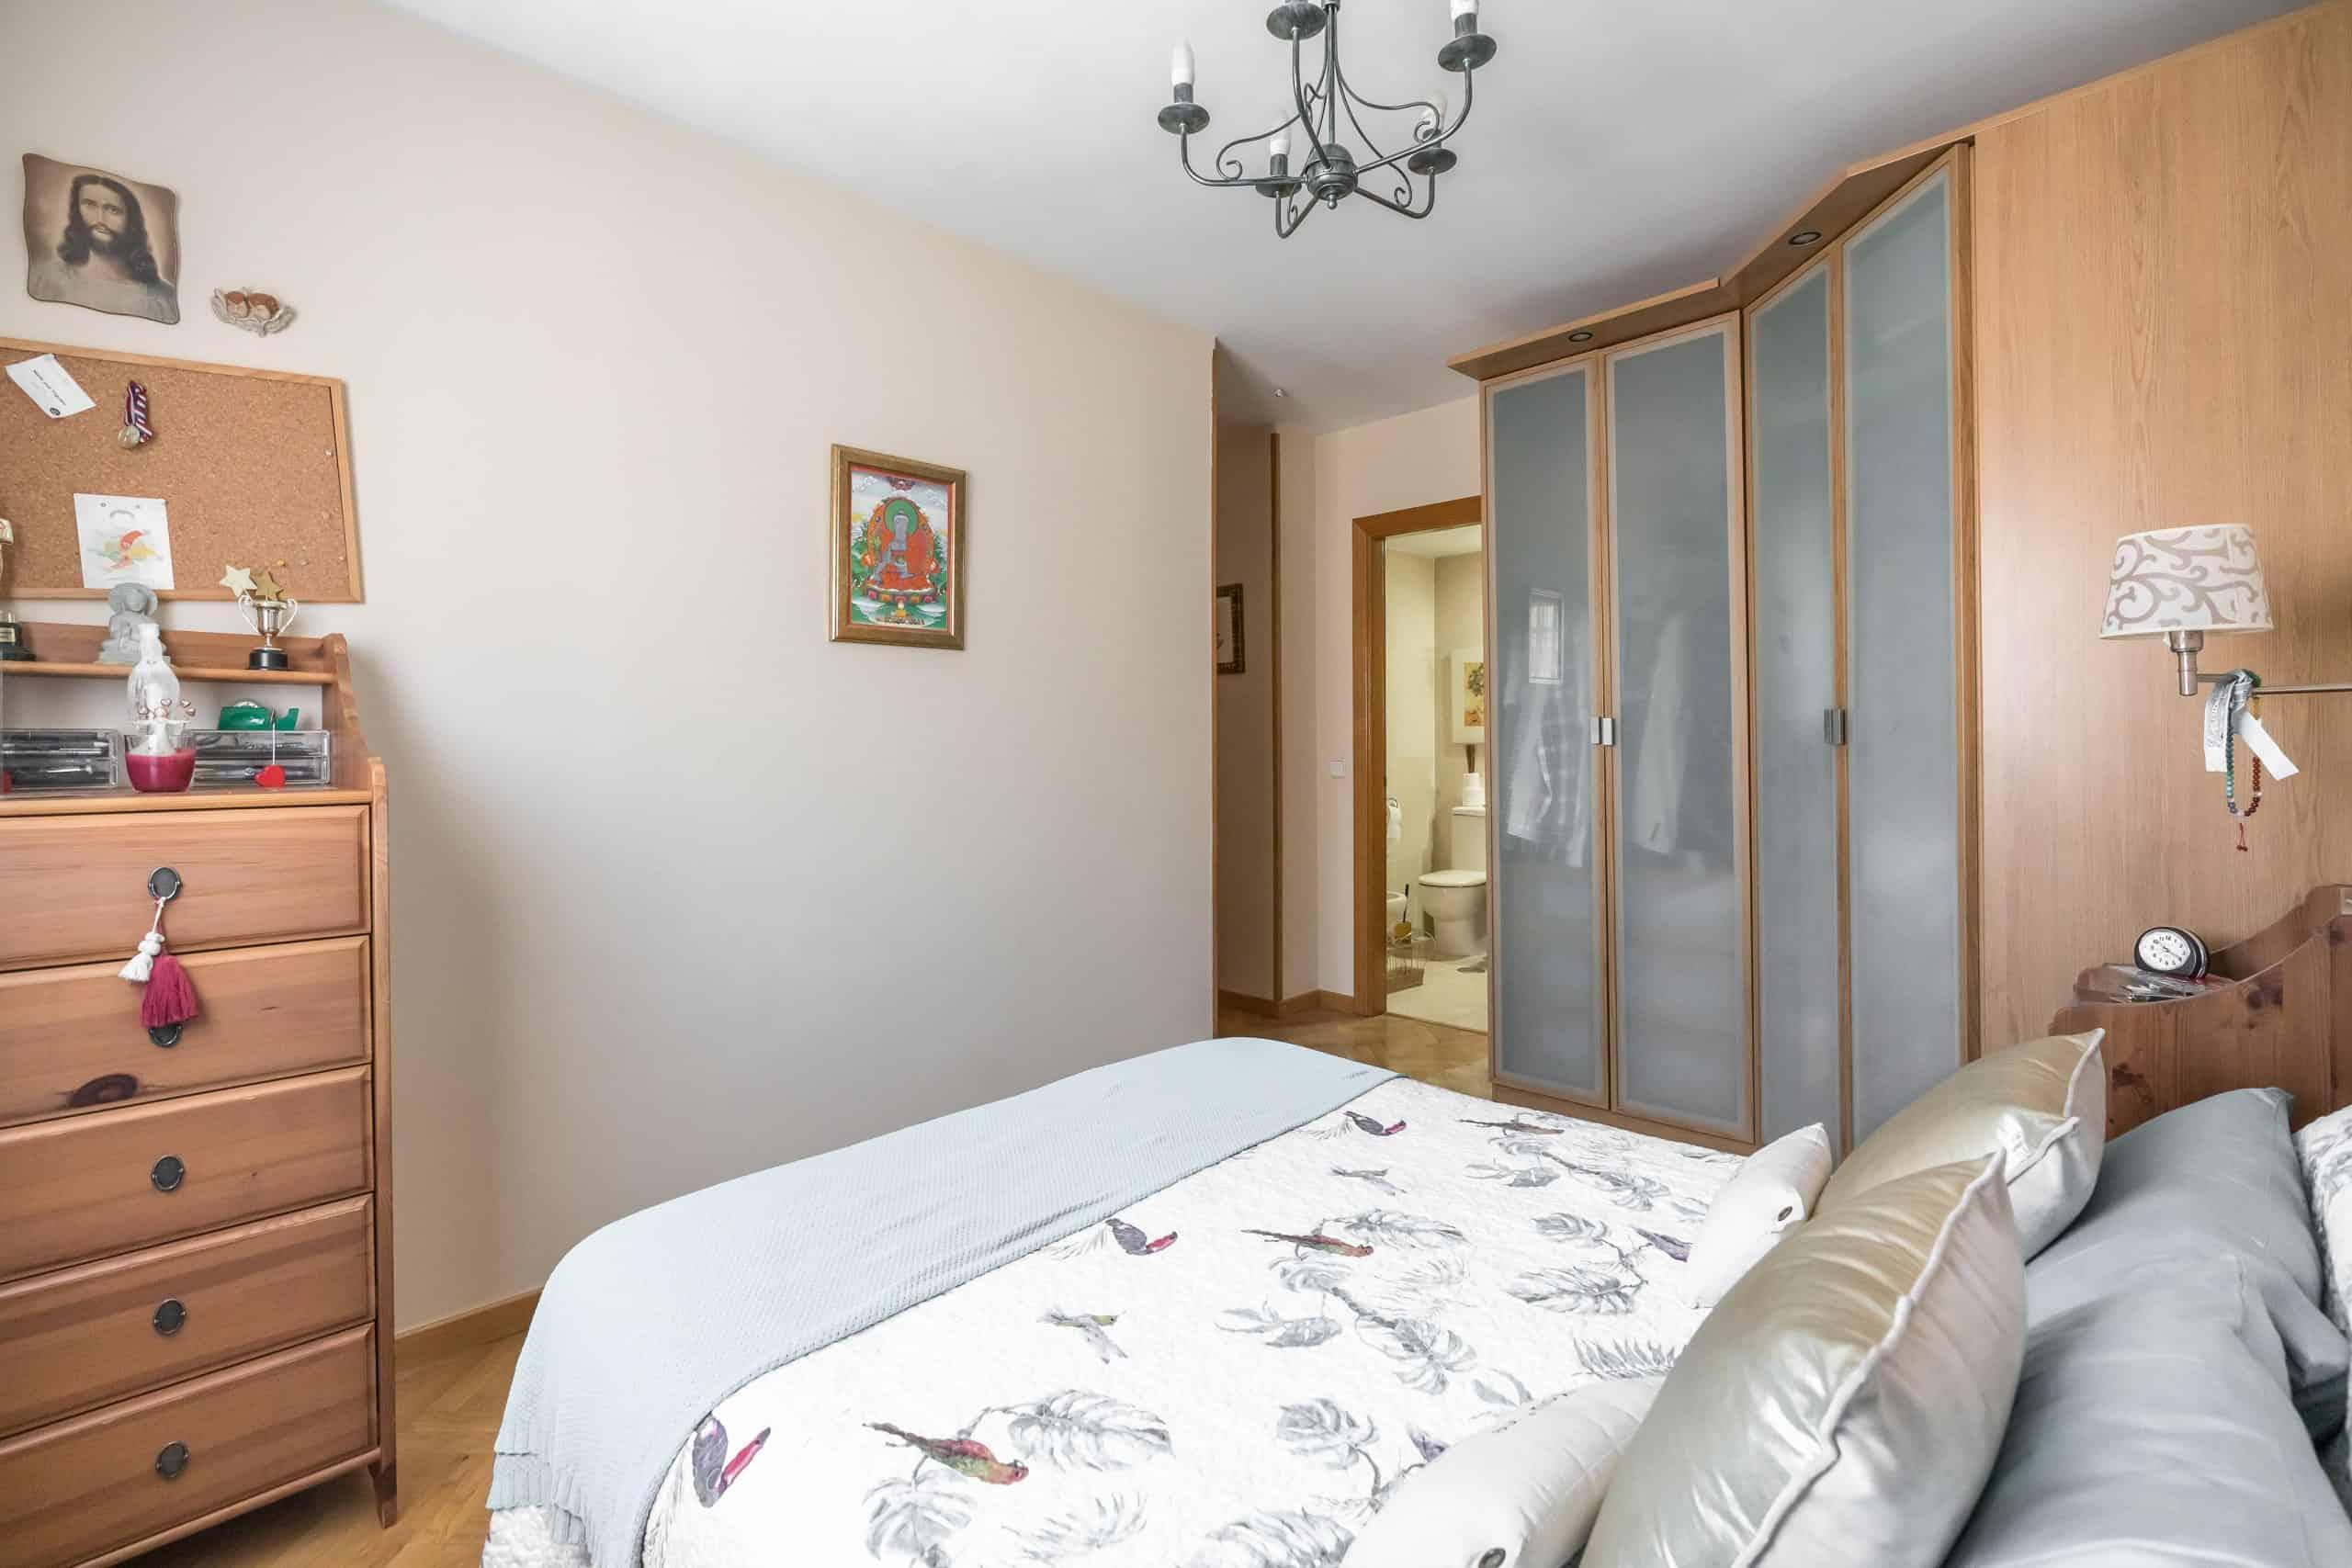 Agencia Inmobiliaria de Madrid-FUTUROCASA-Zona ARGANZUELA-EMBAJADORES-LEGAZPI2 DORMITORIO 1 (2)